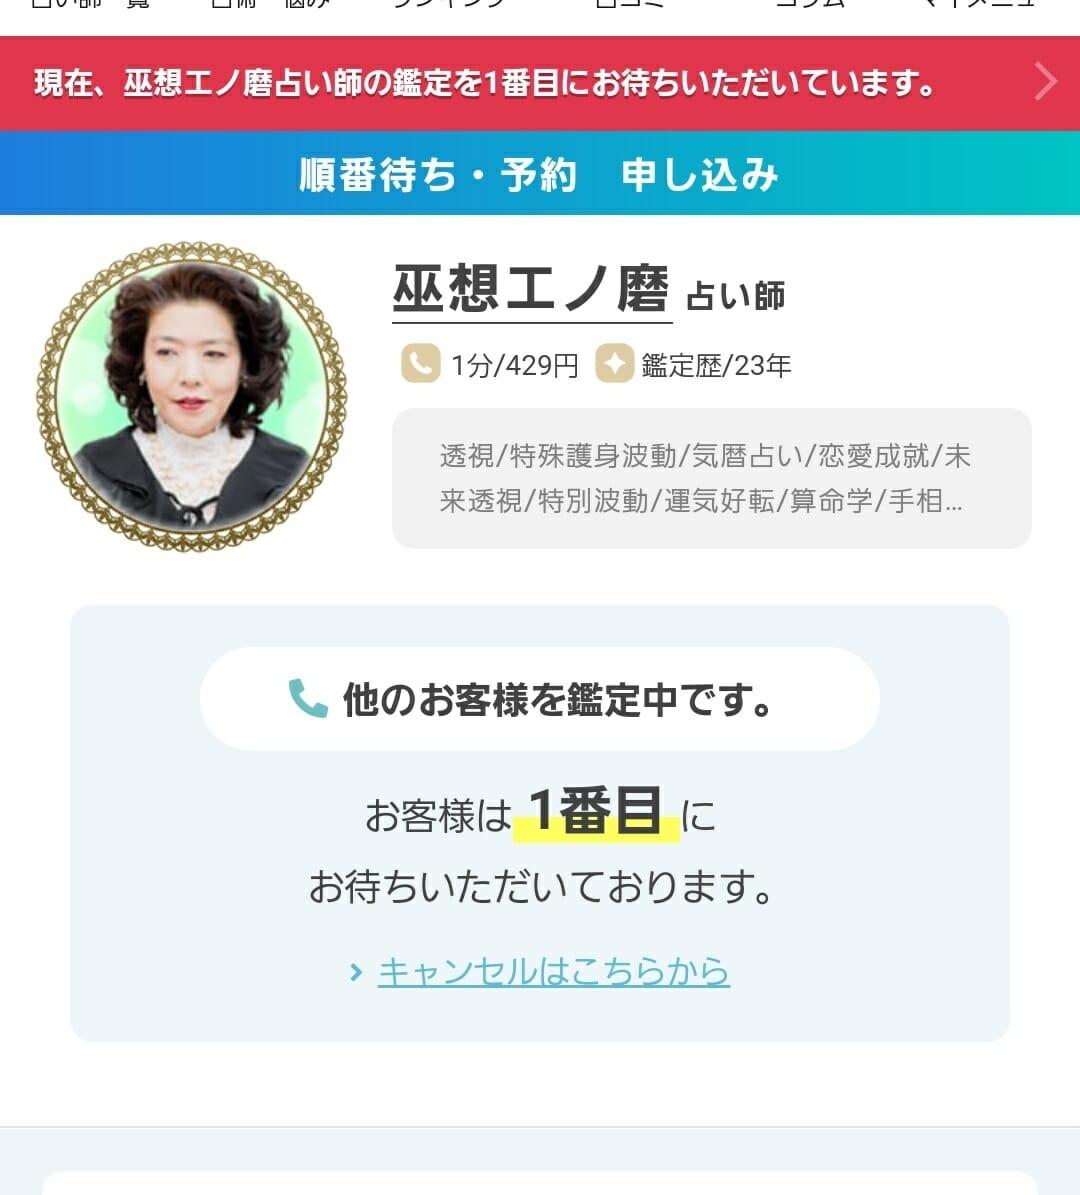 エキサイト電話占いで人気の巫想エノ磨先生の予約を取る方法